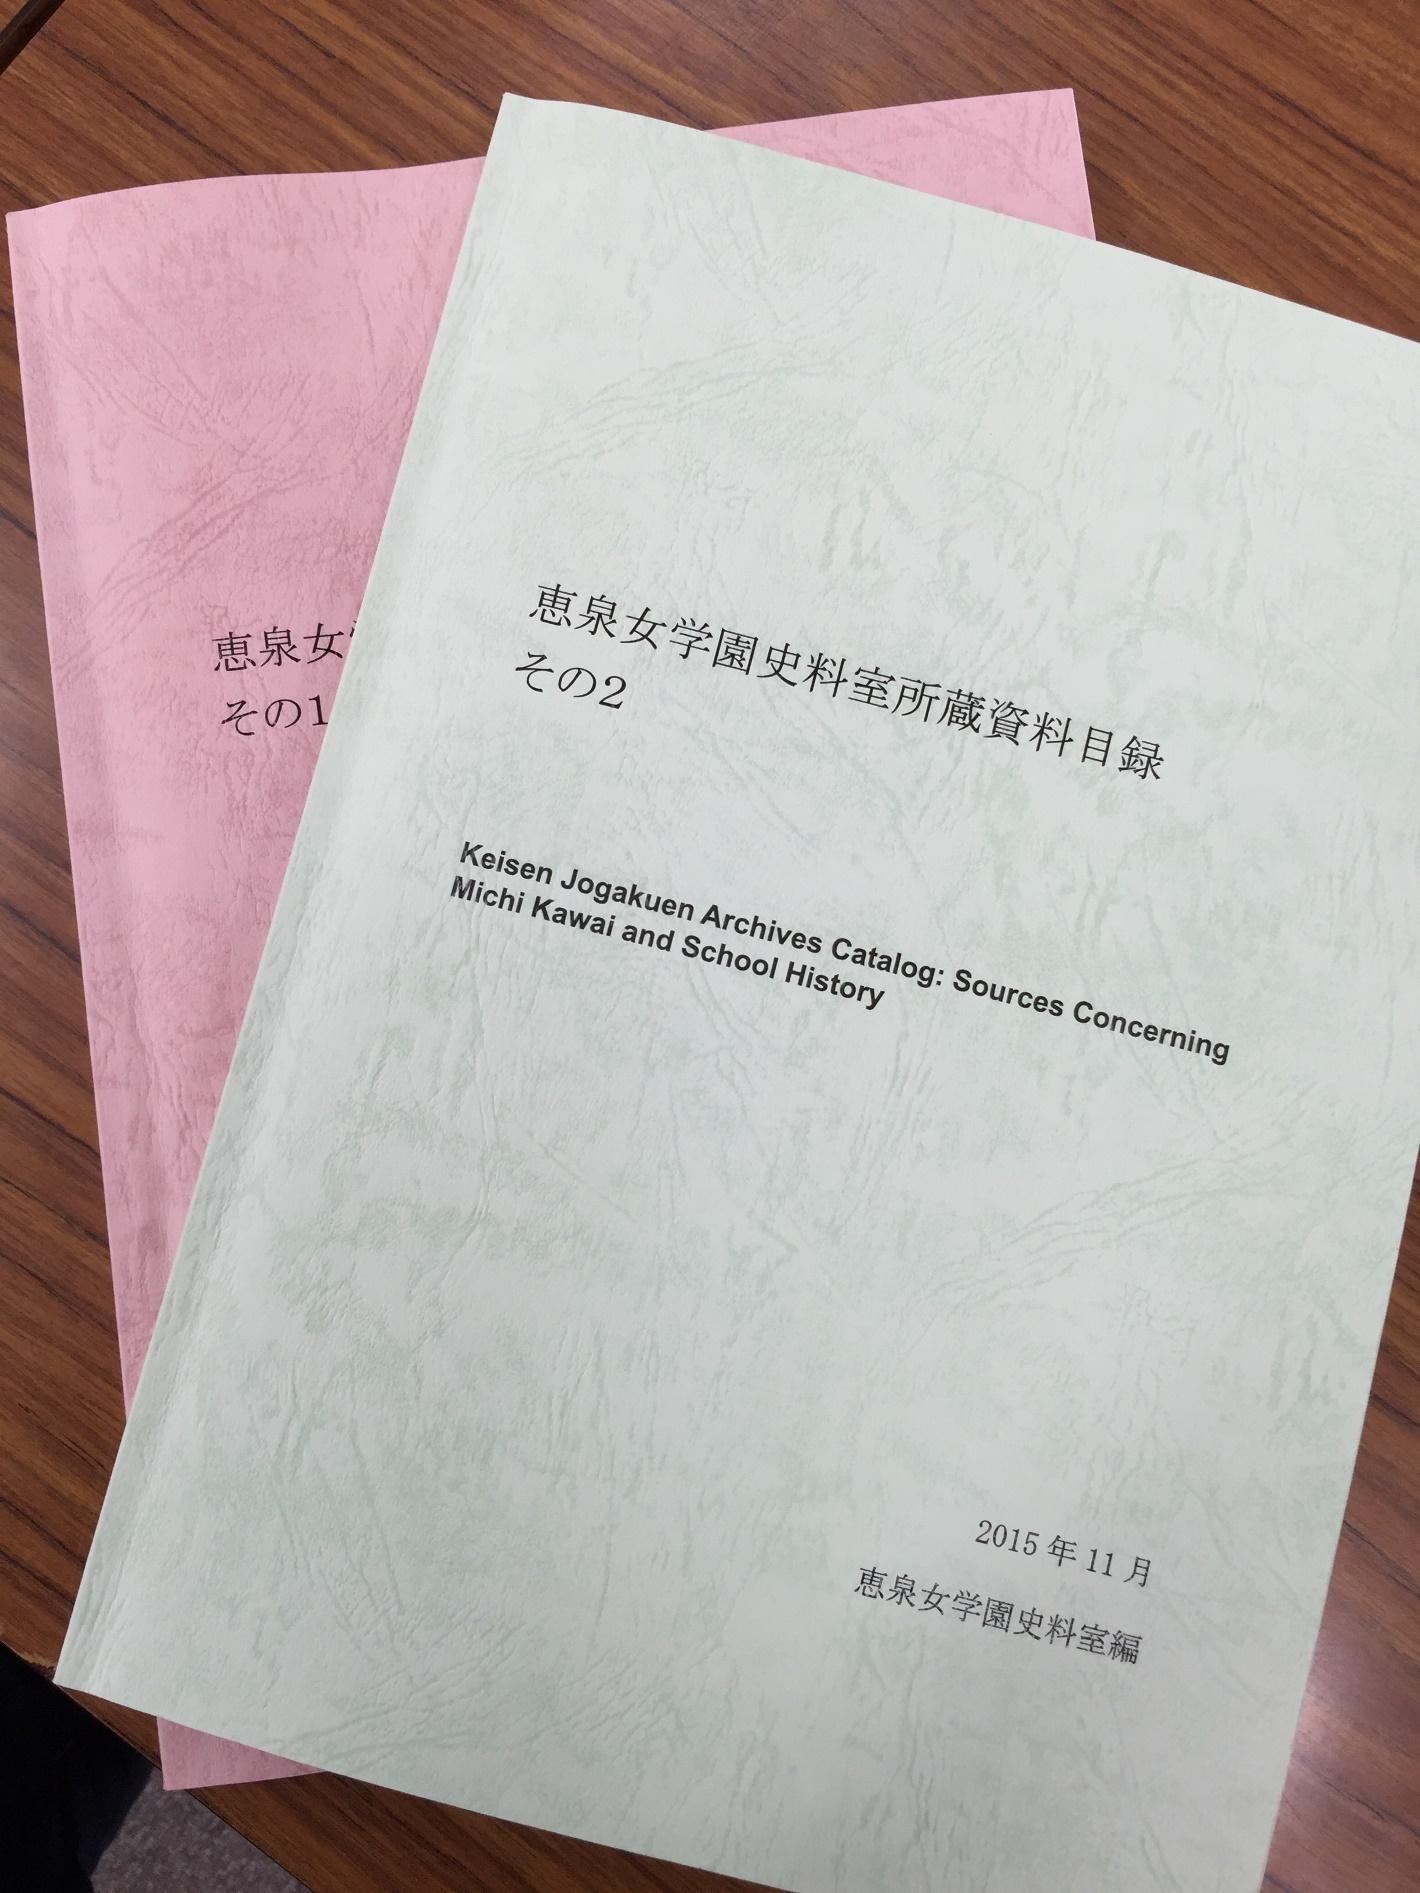 学校法人恵泉女学園が『史料室所蔵資料目録』をHPで公開 -- 収蔵リストには新渡戸稲造のサインや『花子とアン』『あさが来た』モデルに関する資料も